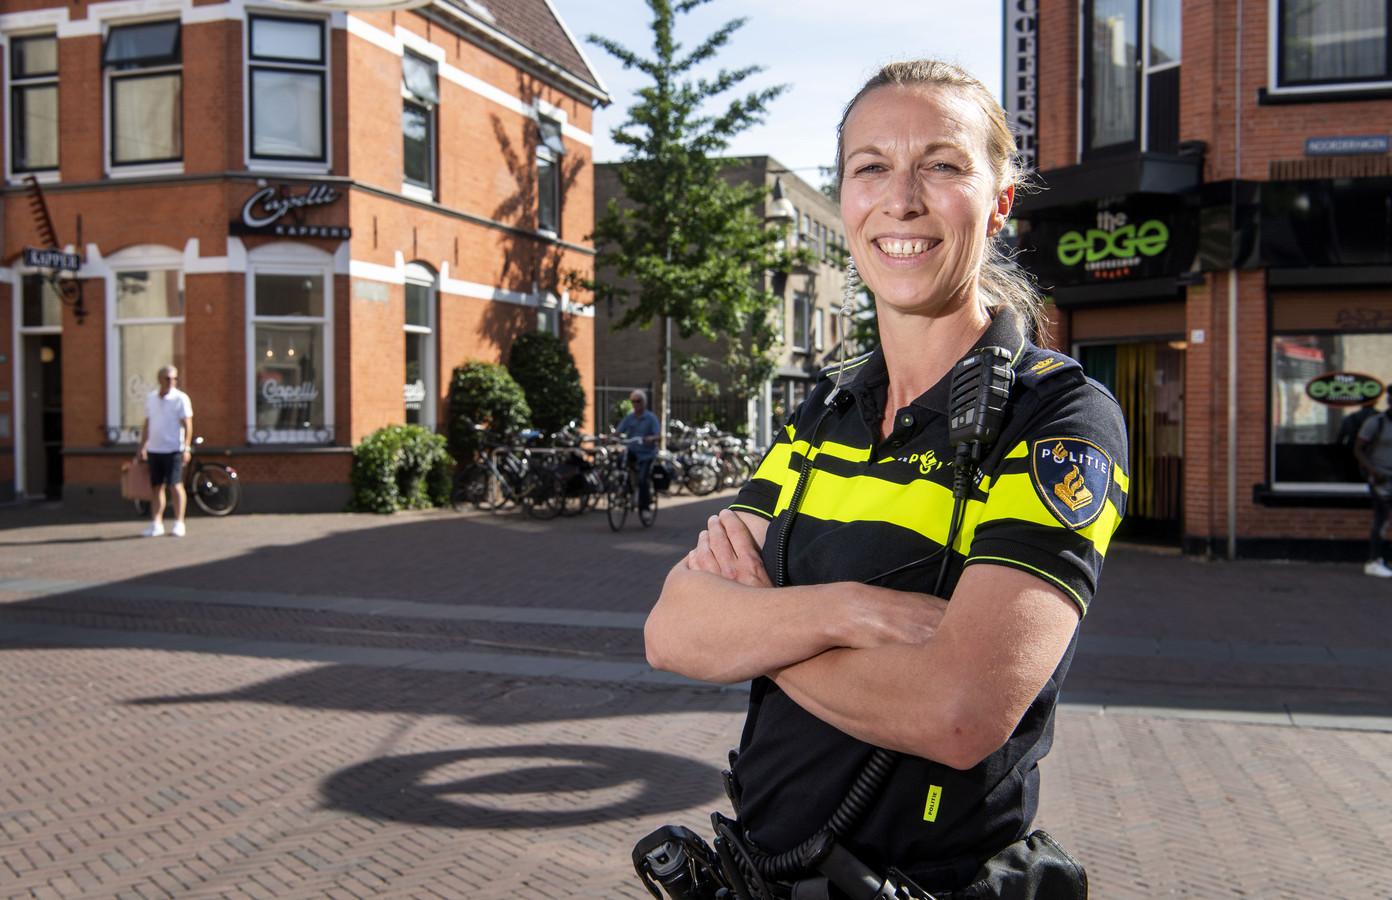 """Politiechef Marleen Abbes over de aanpak van de (drugs)overlast in de omgeving van het Muziekkwartier: """"Hebben we ons doel al behaald? Nee. Hebben we veel bereikt? Ja."""""""